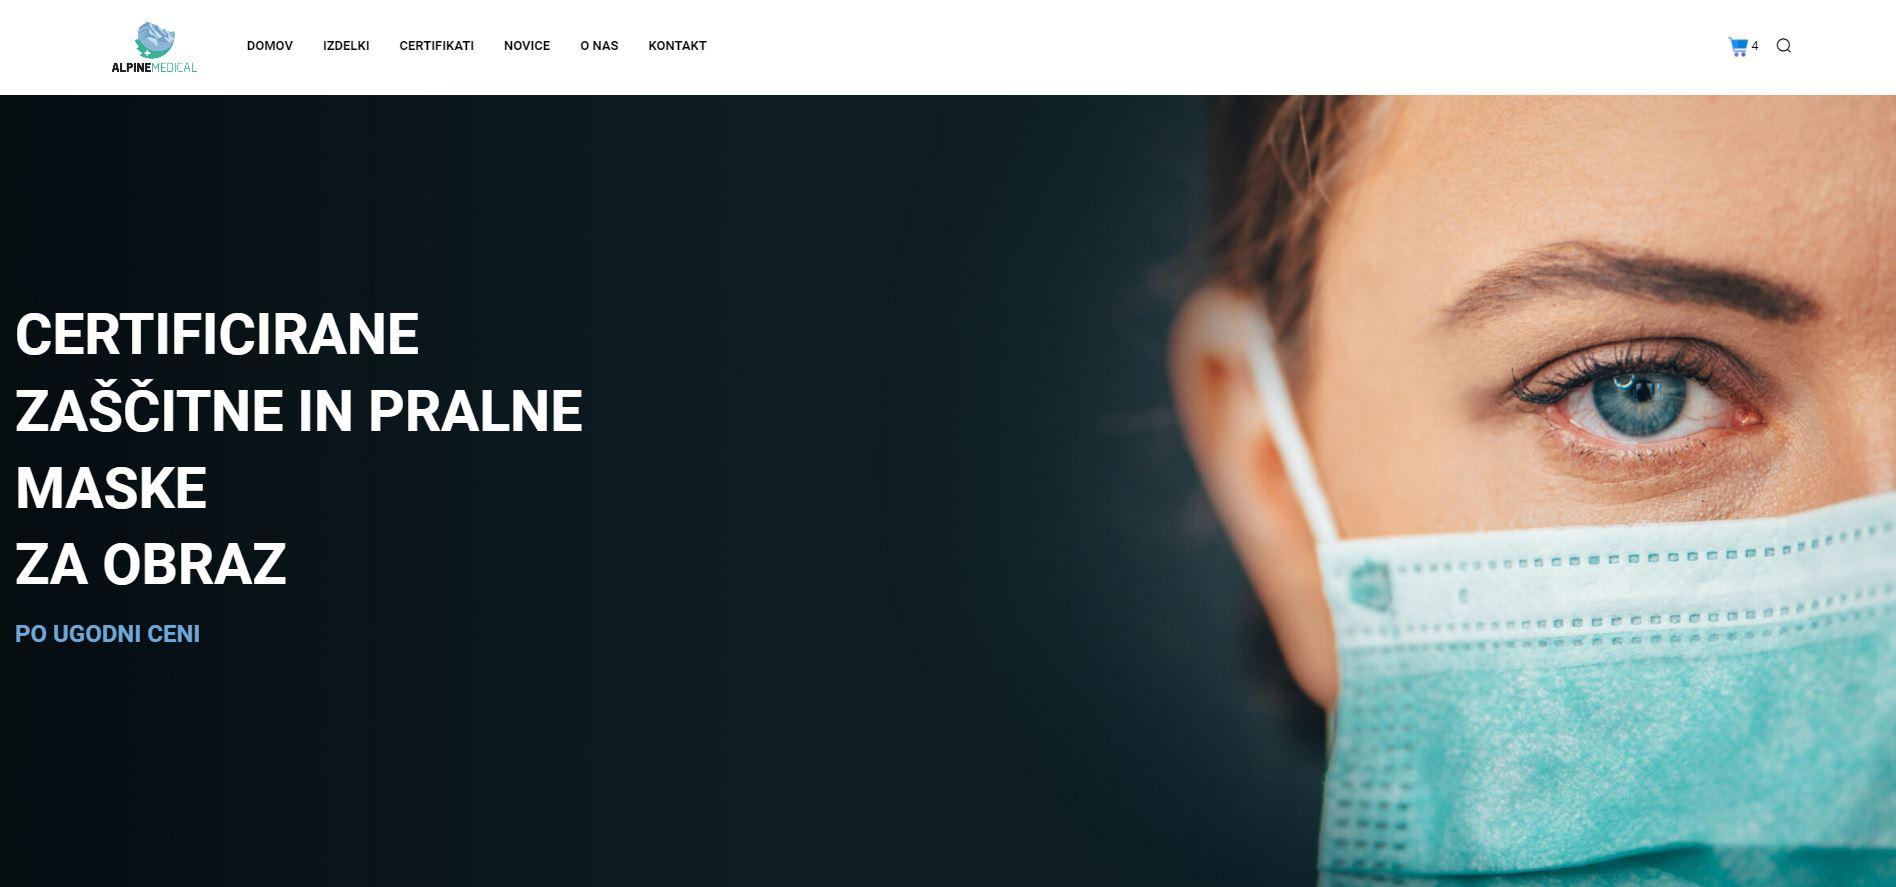 Vzpostavitev spletne trgovine s prodajo zaščitnih mask